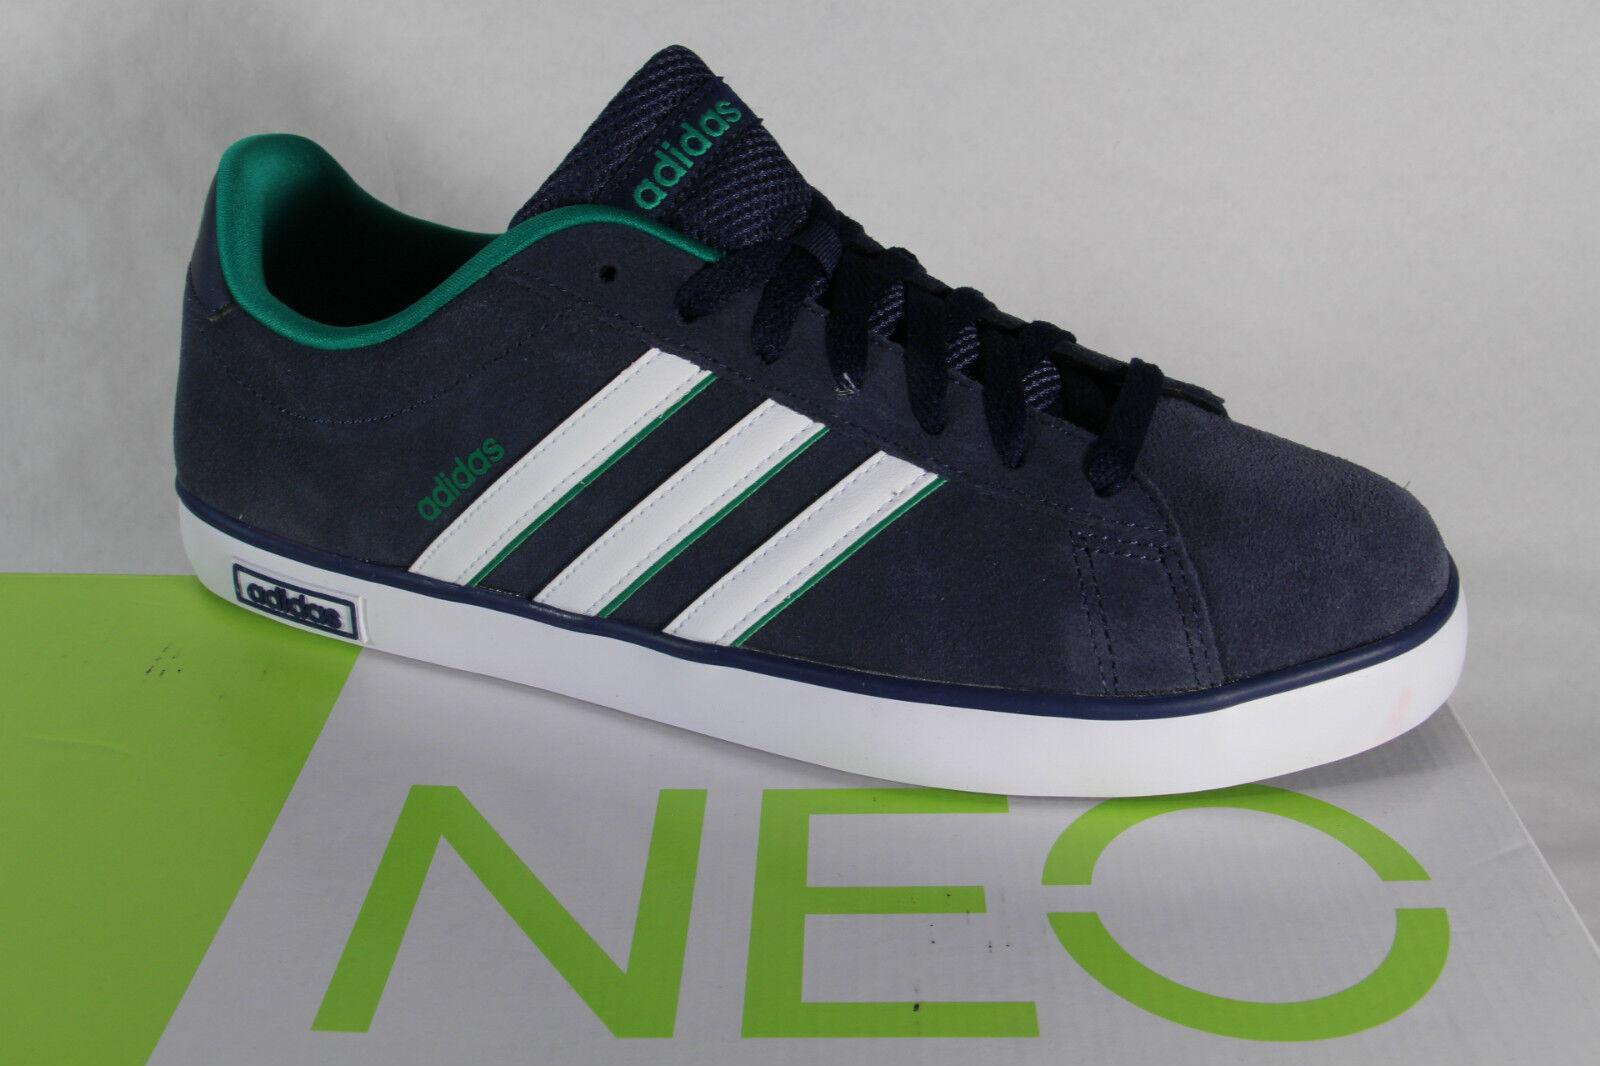 Adidas allacciarsi le scarpe sportive scarpe basse da blu te i derby pelle blu da nuova 080083